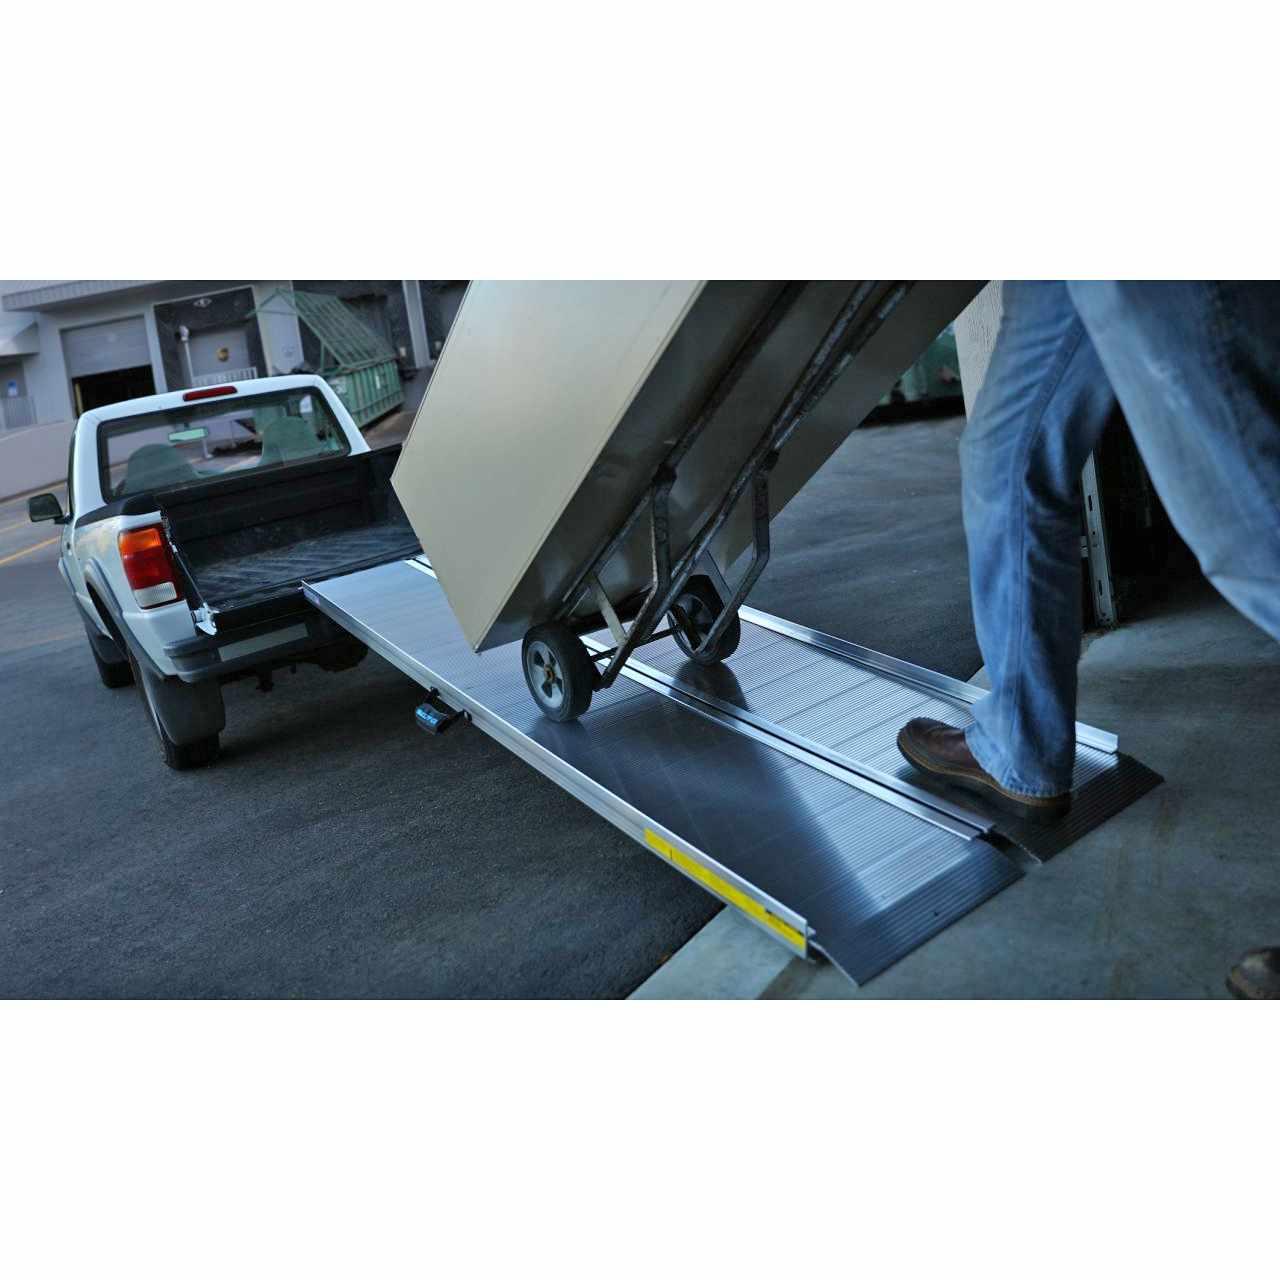 Traverse Singlefold ramp - Aluminum